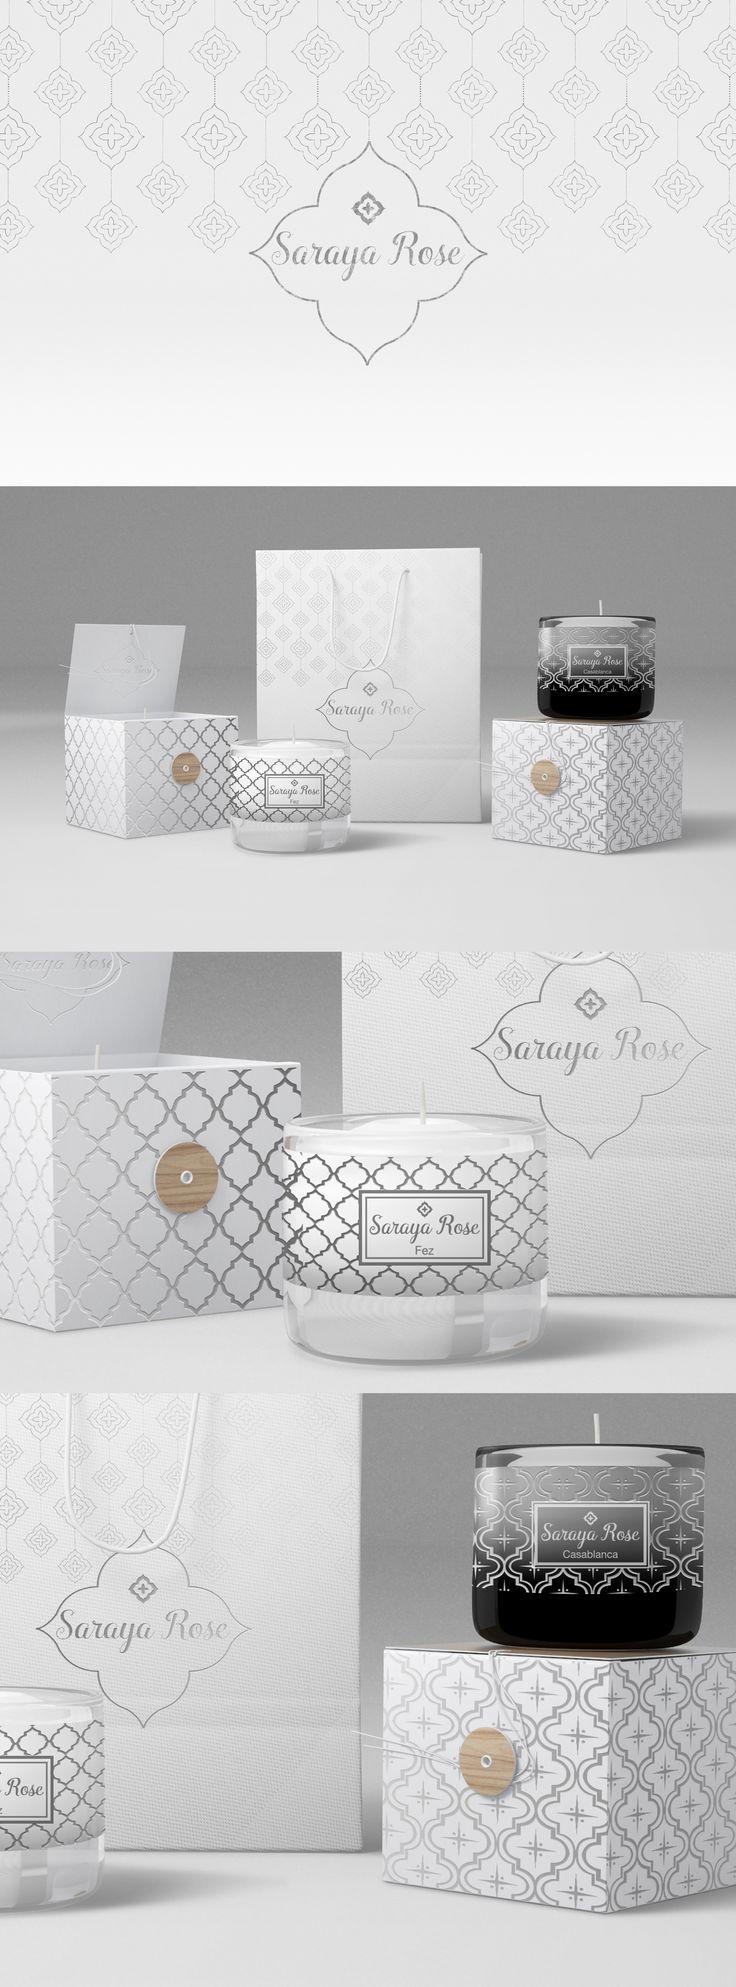 www.One-Giraphe.com #branding #pattern #candle #candles #logo #logodesign http://one-giraphe.com/prev.php?c=187